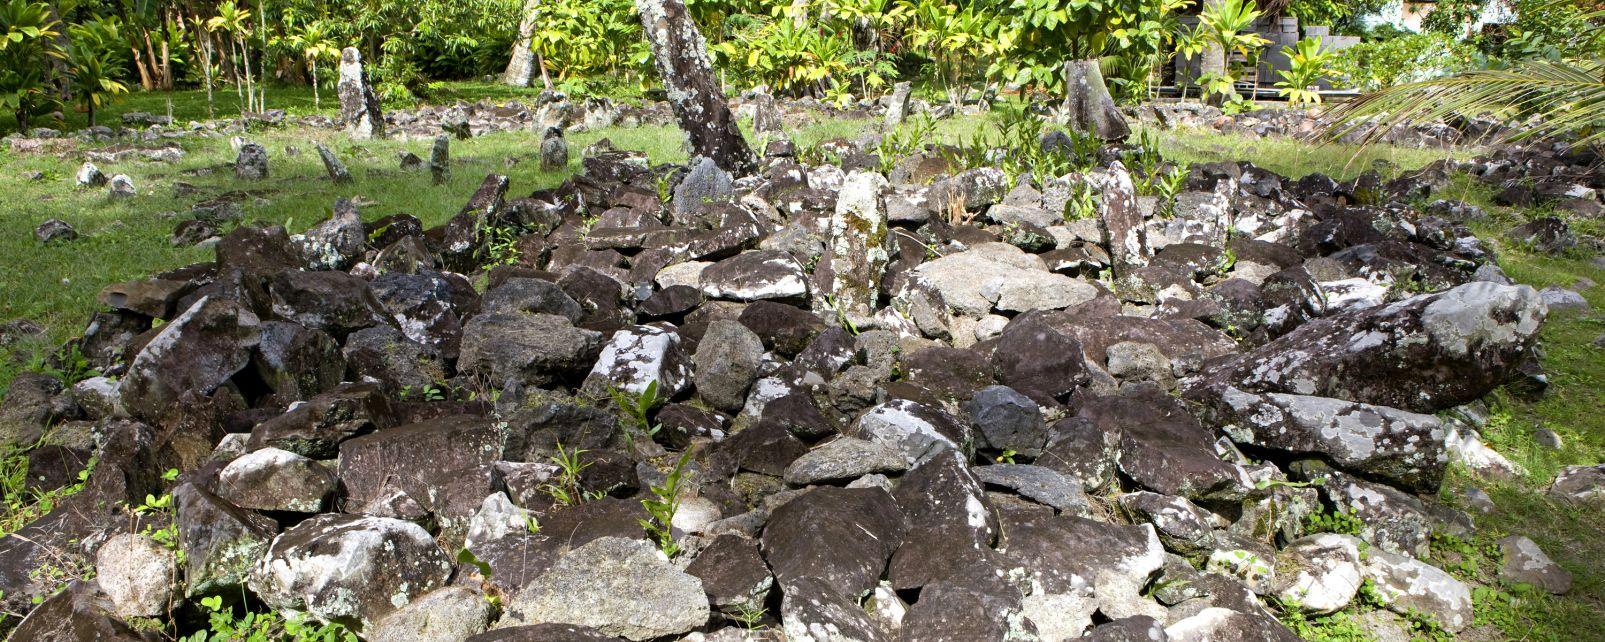 , Los yacimientos arqueológicos, Arte y cultura, Polinesia Australes